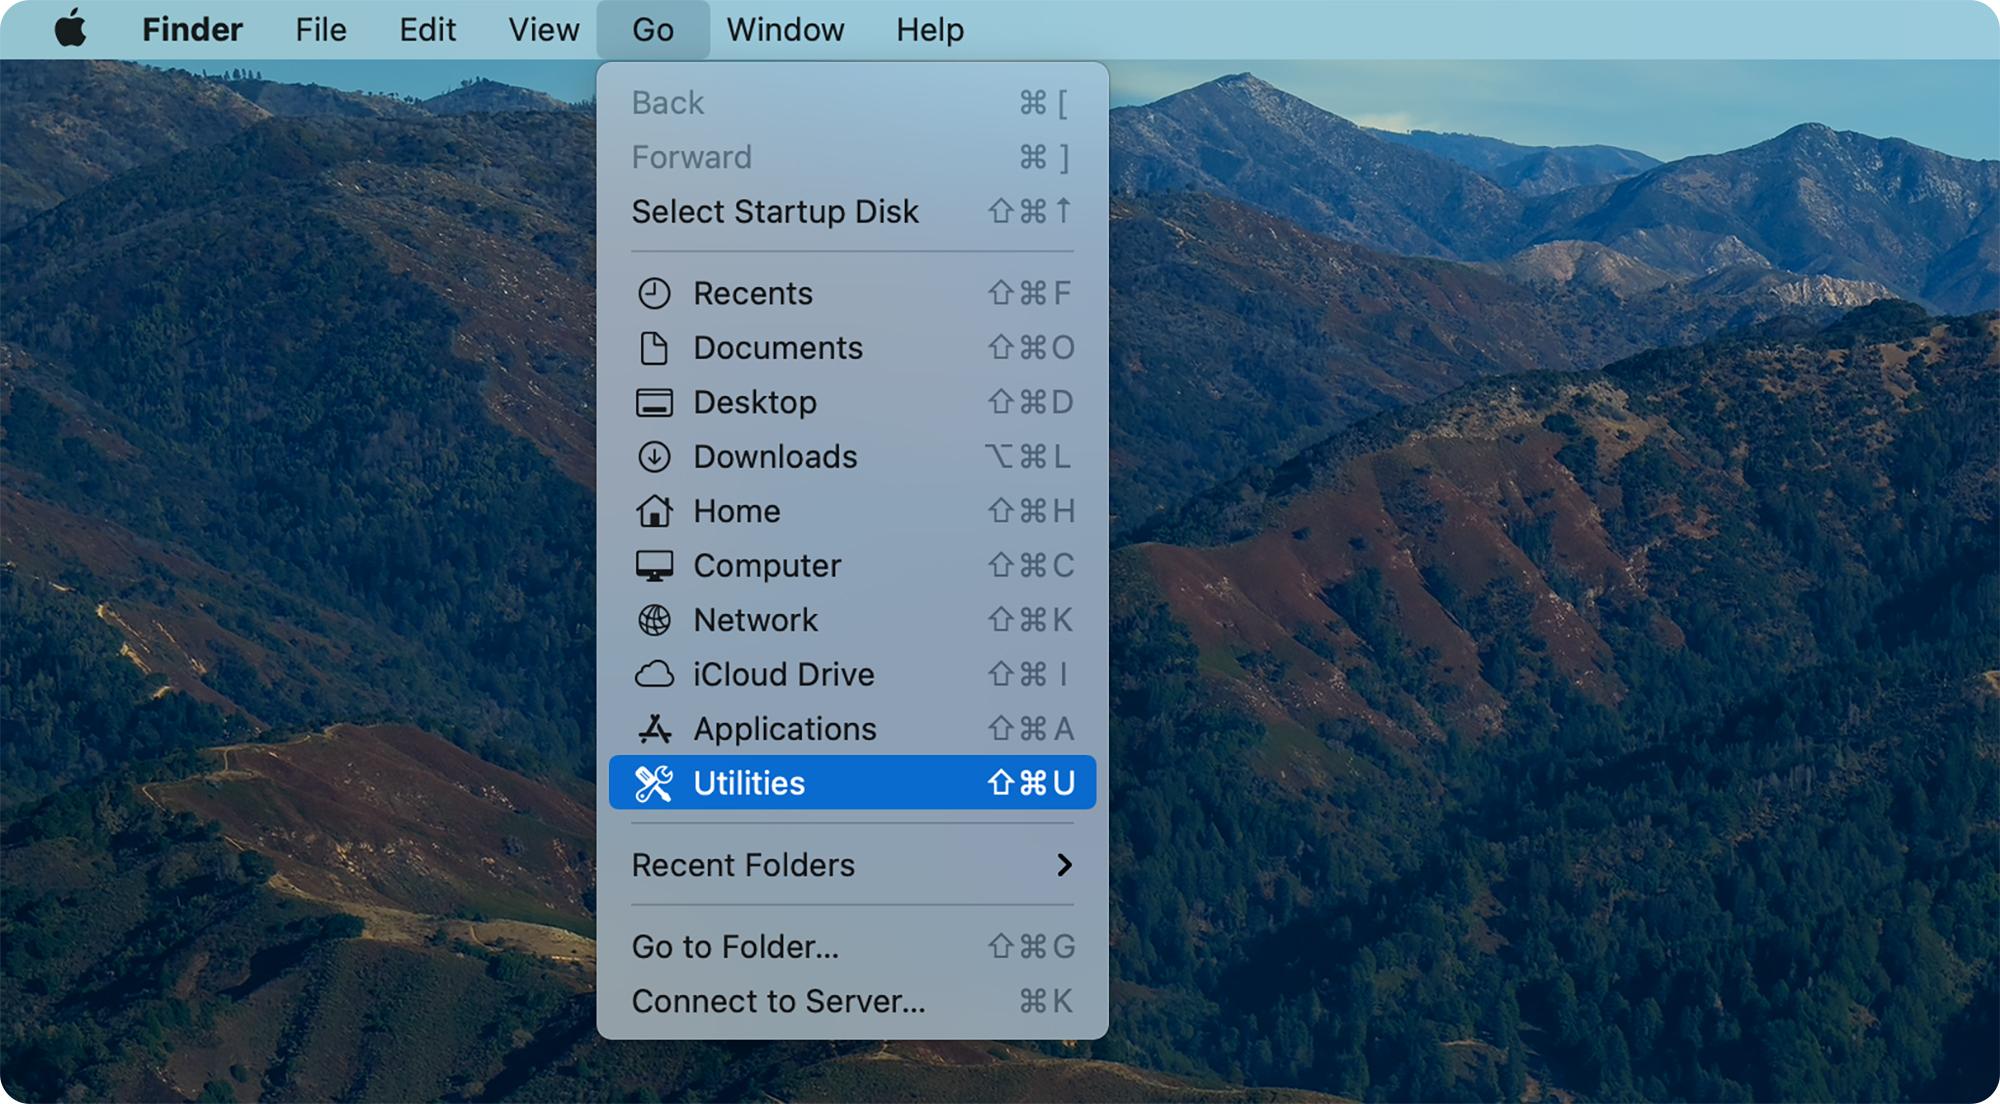 Hướng dẫn kiểm tra tình trạng của ổ cứng Macbook bằng SMART